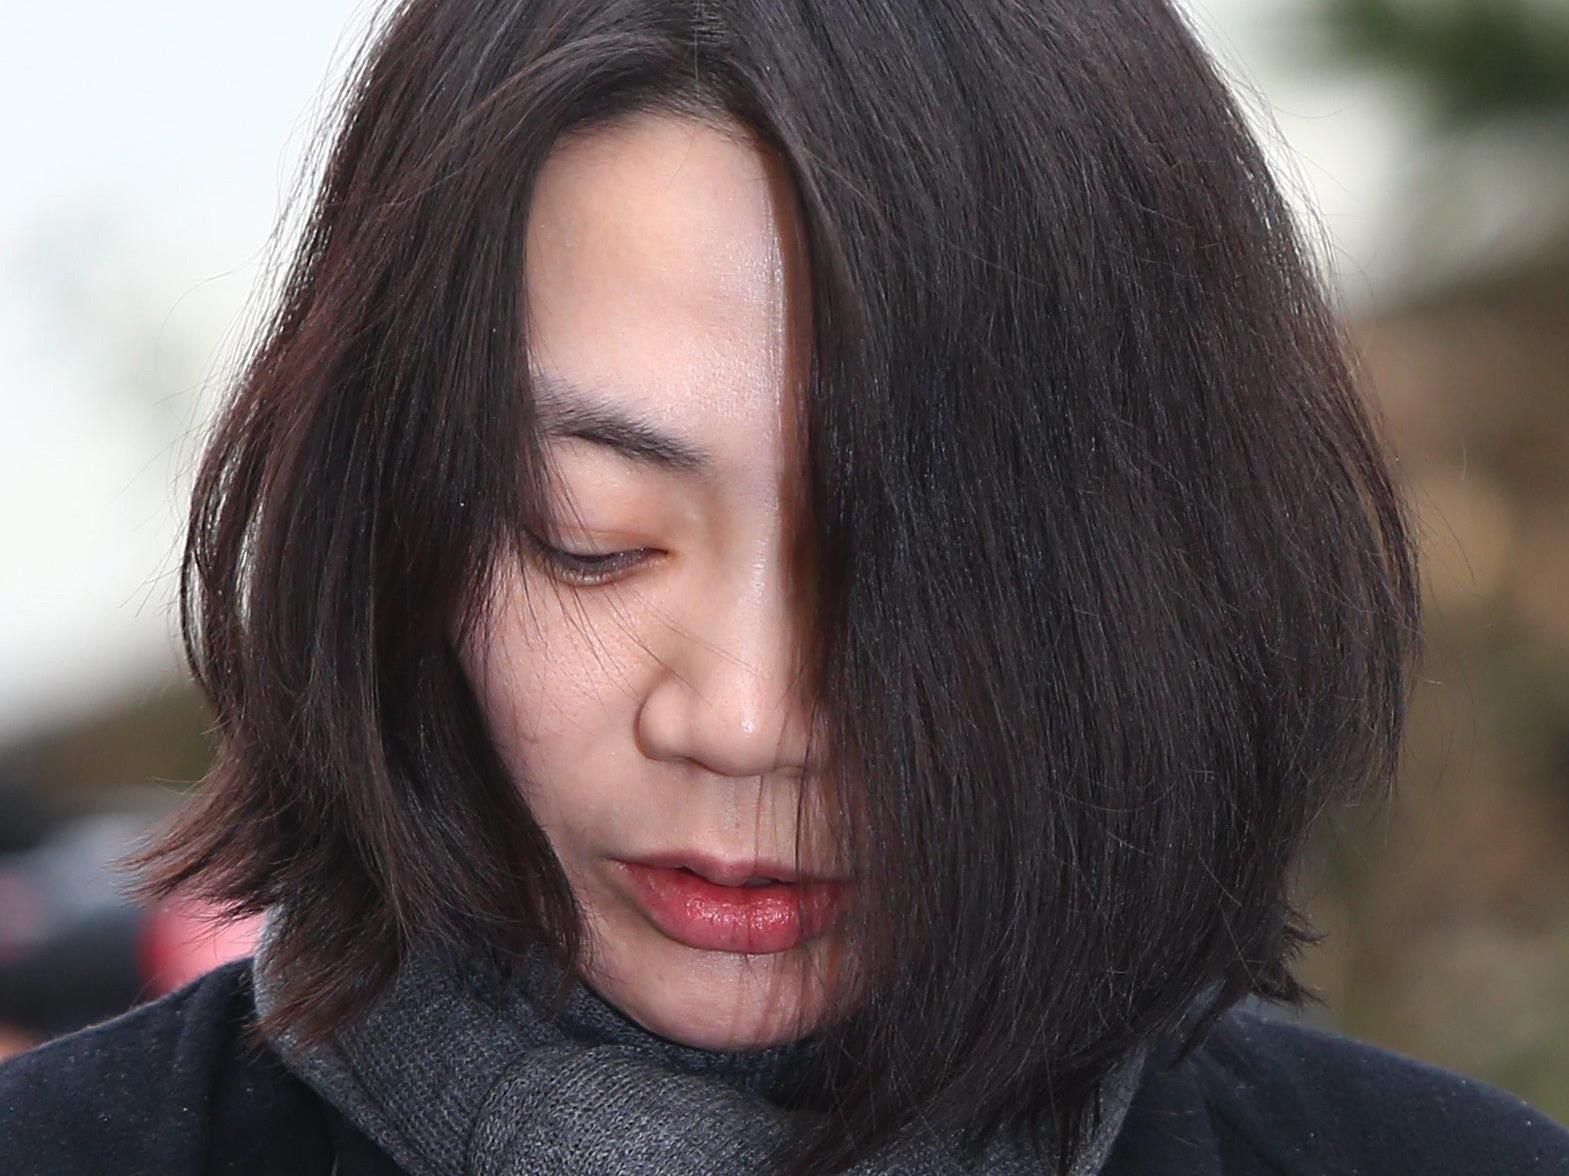 Dieser Vorfall löste in Südkorea große Empörung über die Tochter des Airline-Chefs aus